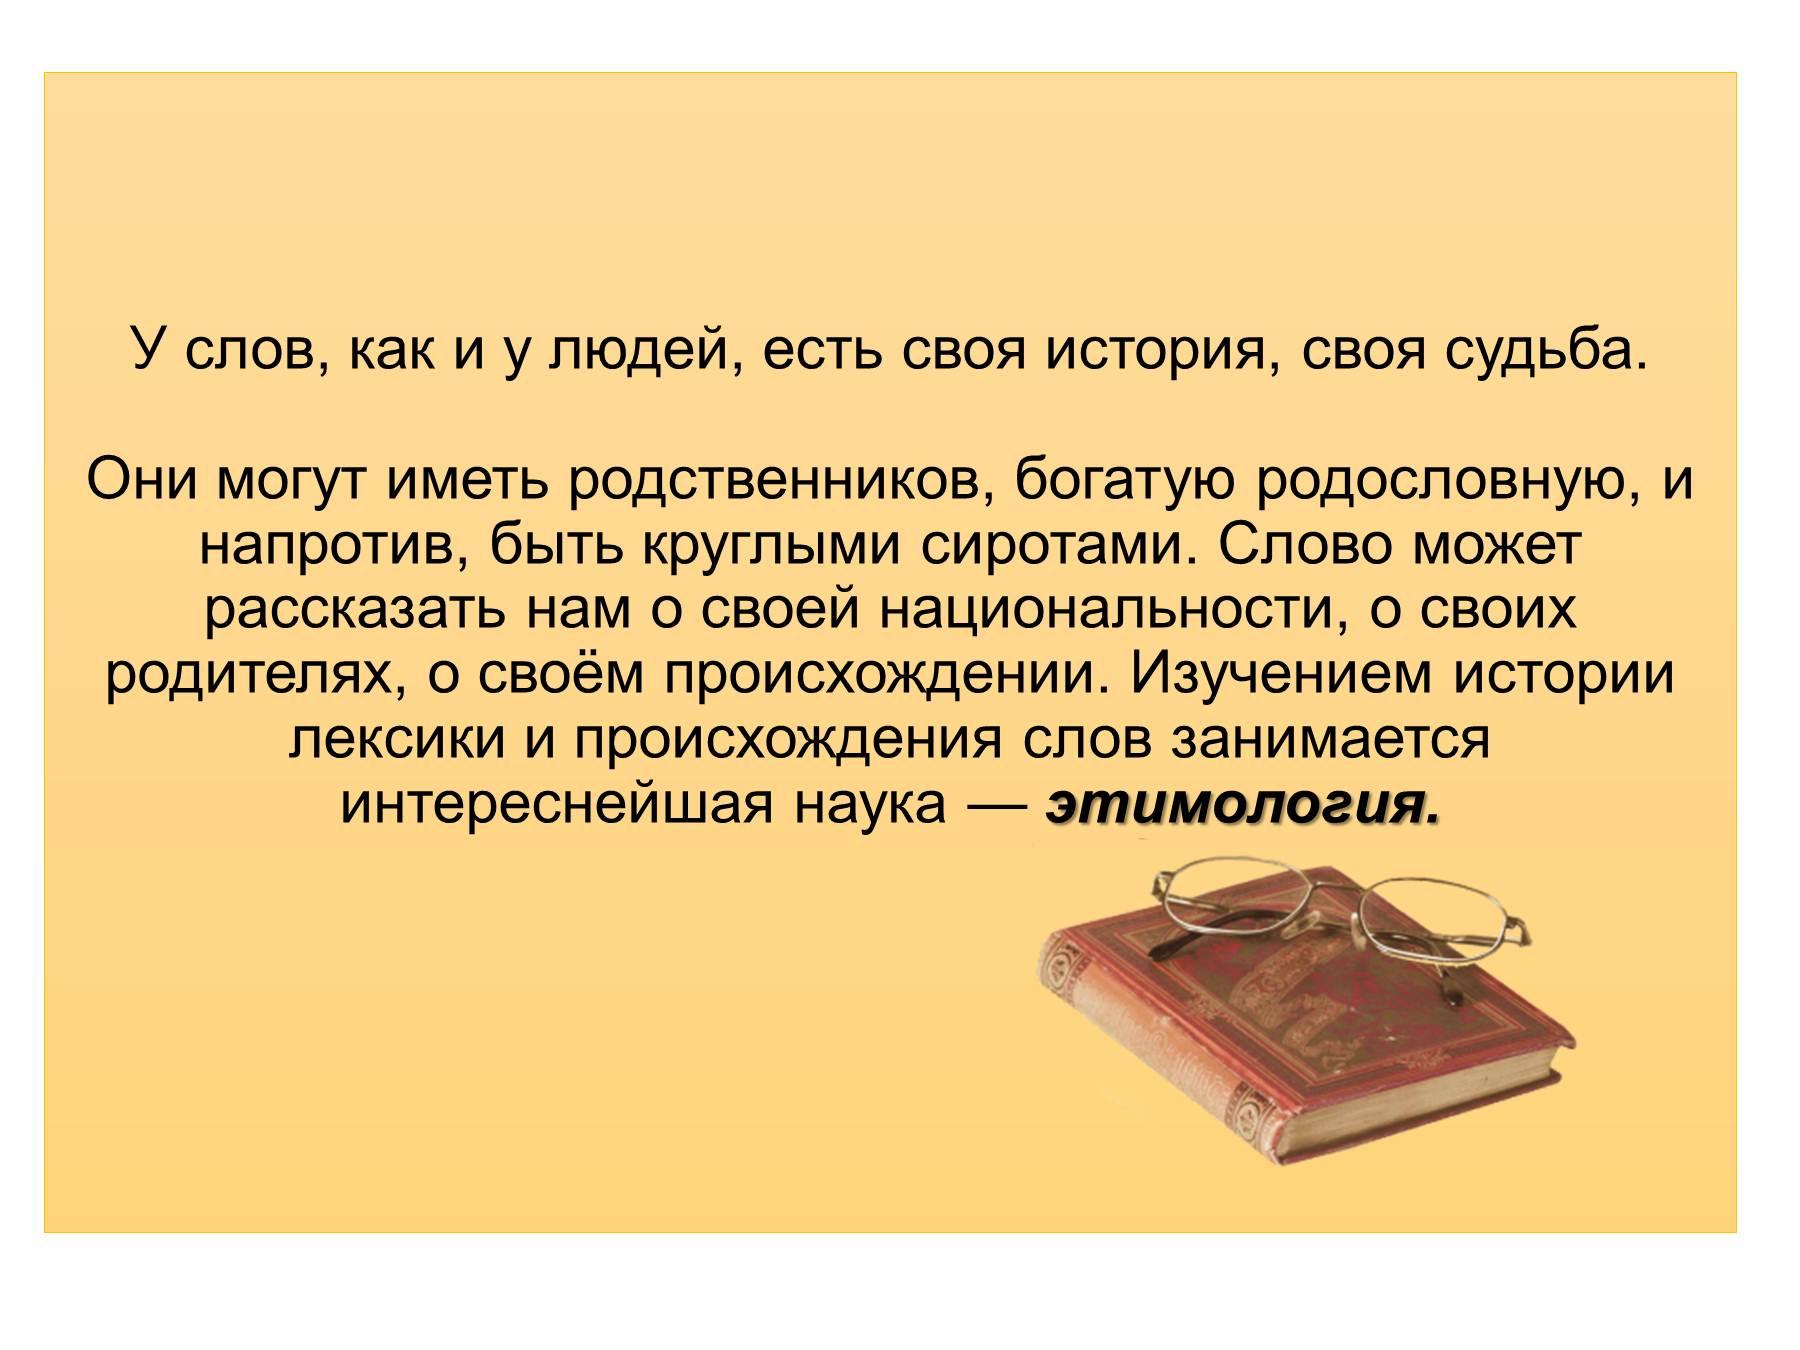 sinonimi-slova-huy